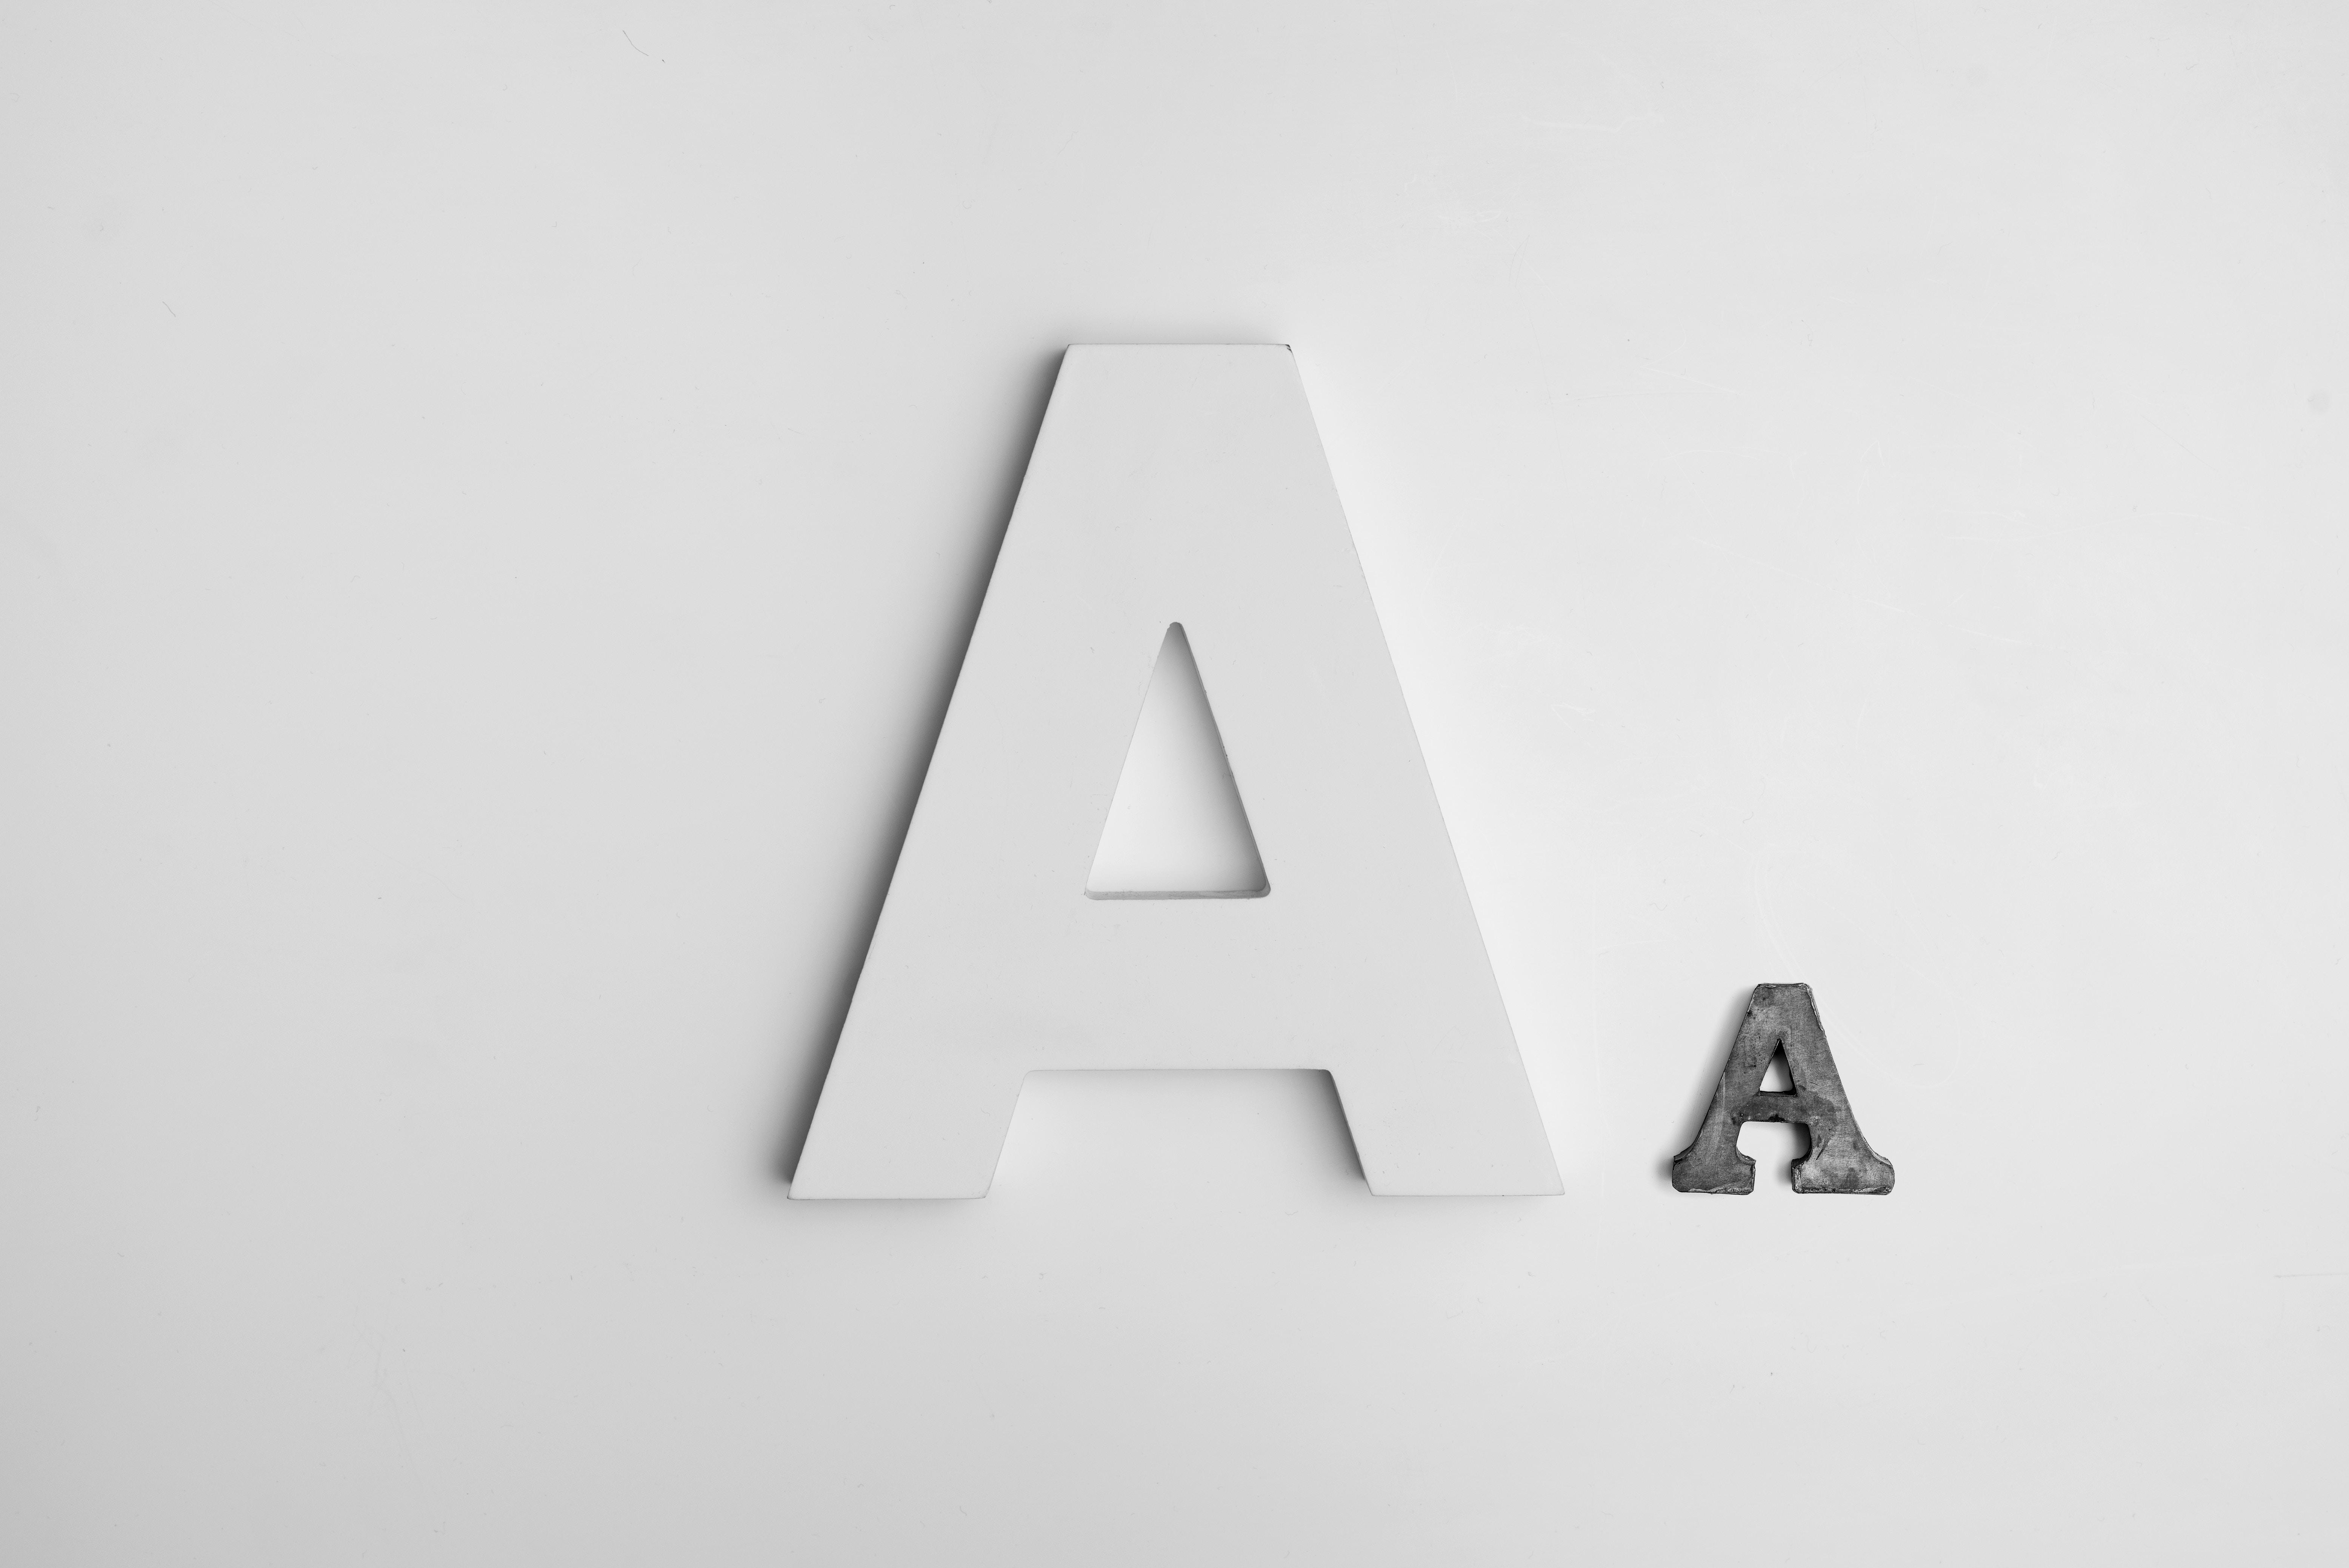 ac53ca3338 Safari】文字サイズを変更する方法は無い? | 華麗なる機種変